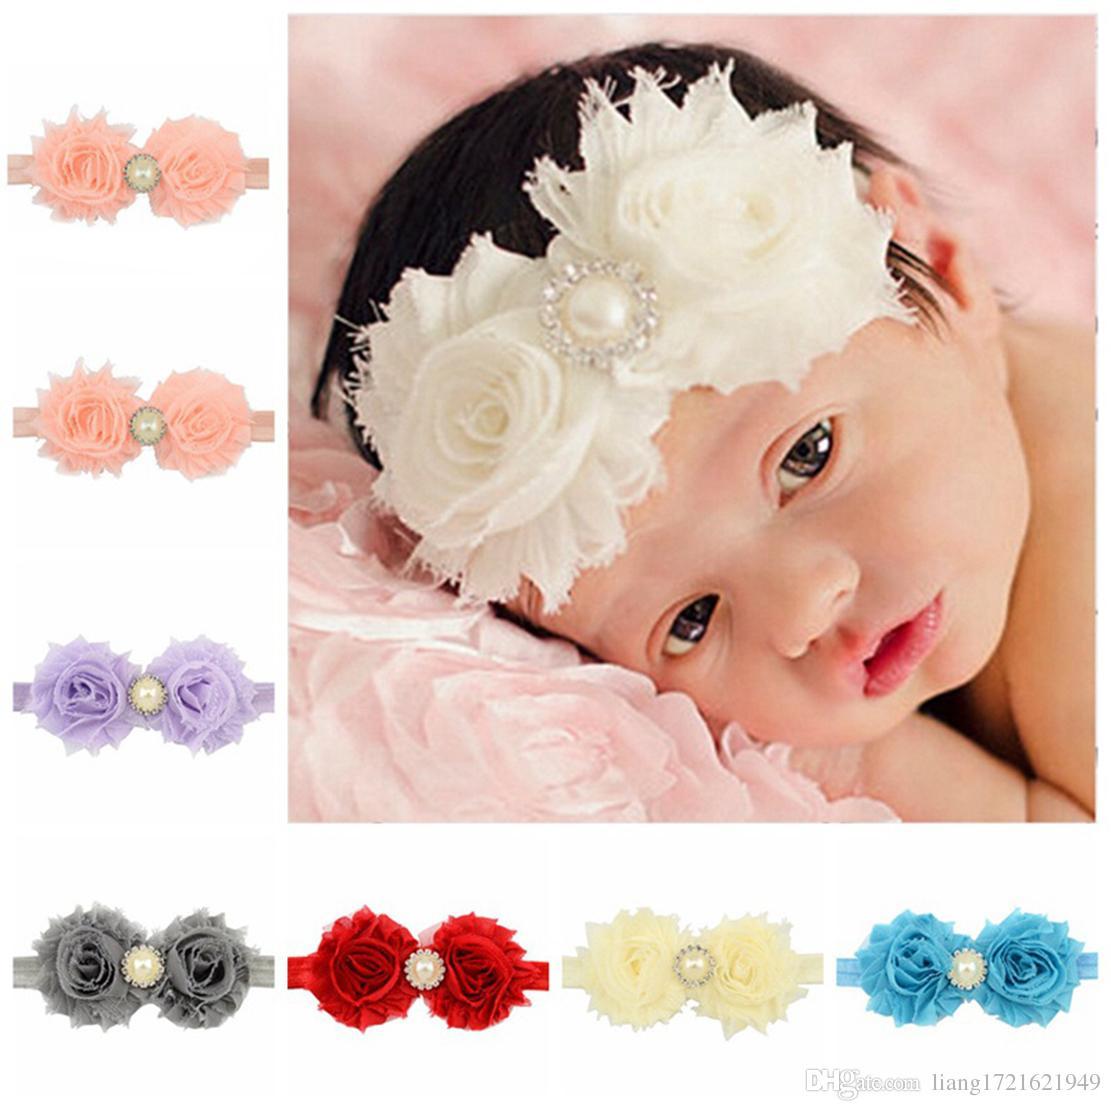 12 farbe europäische und amerikanische kinder haarband schäbige rohe blume mit pearl haarband baby stirnband